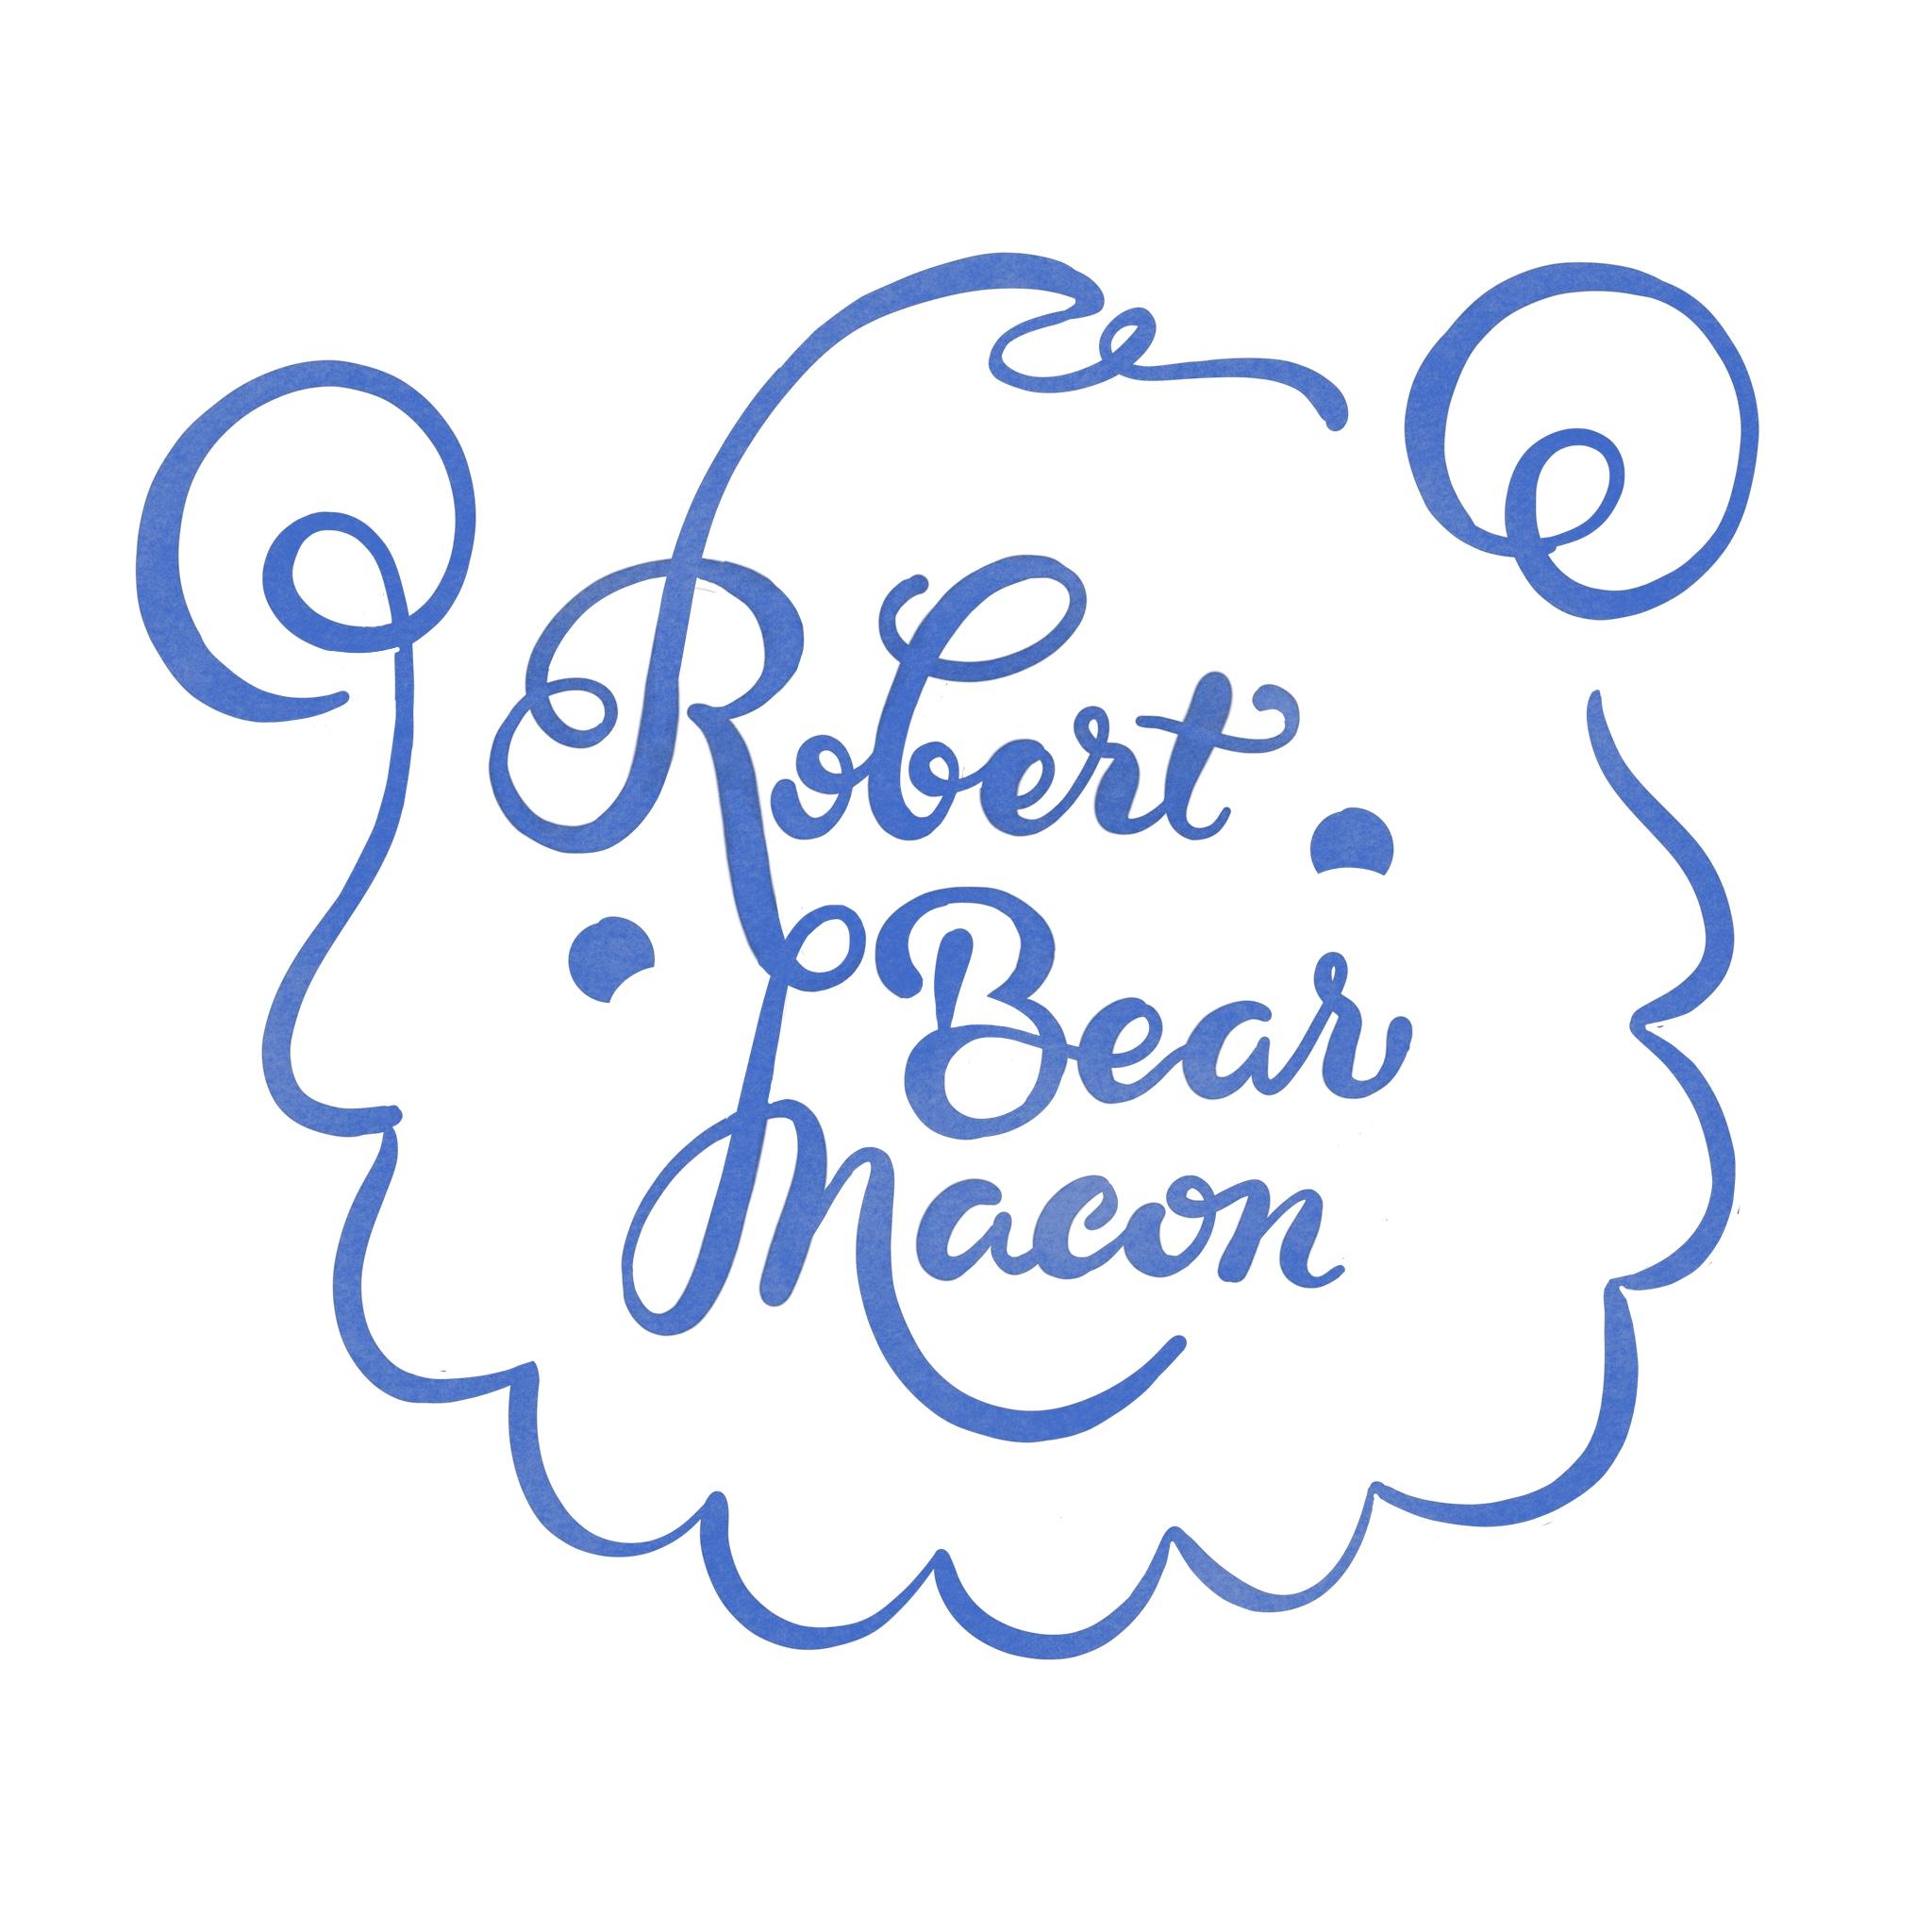 Robert Bear